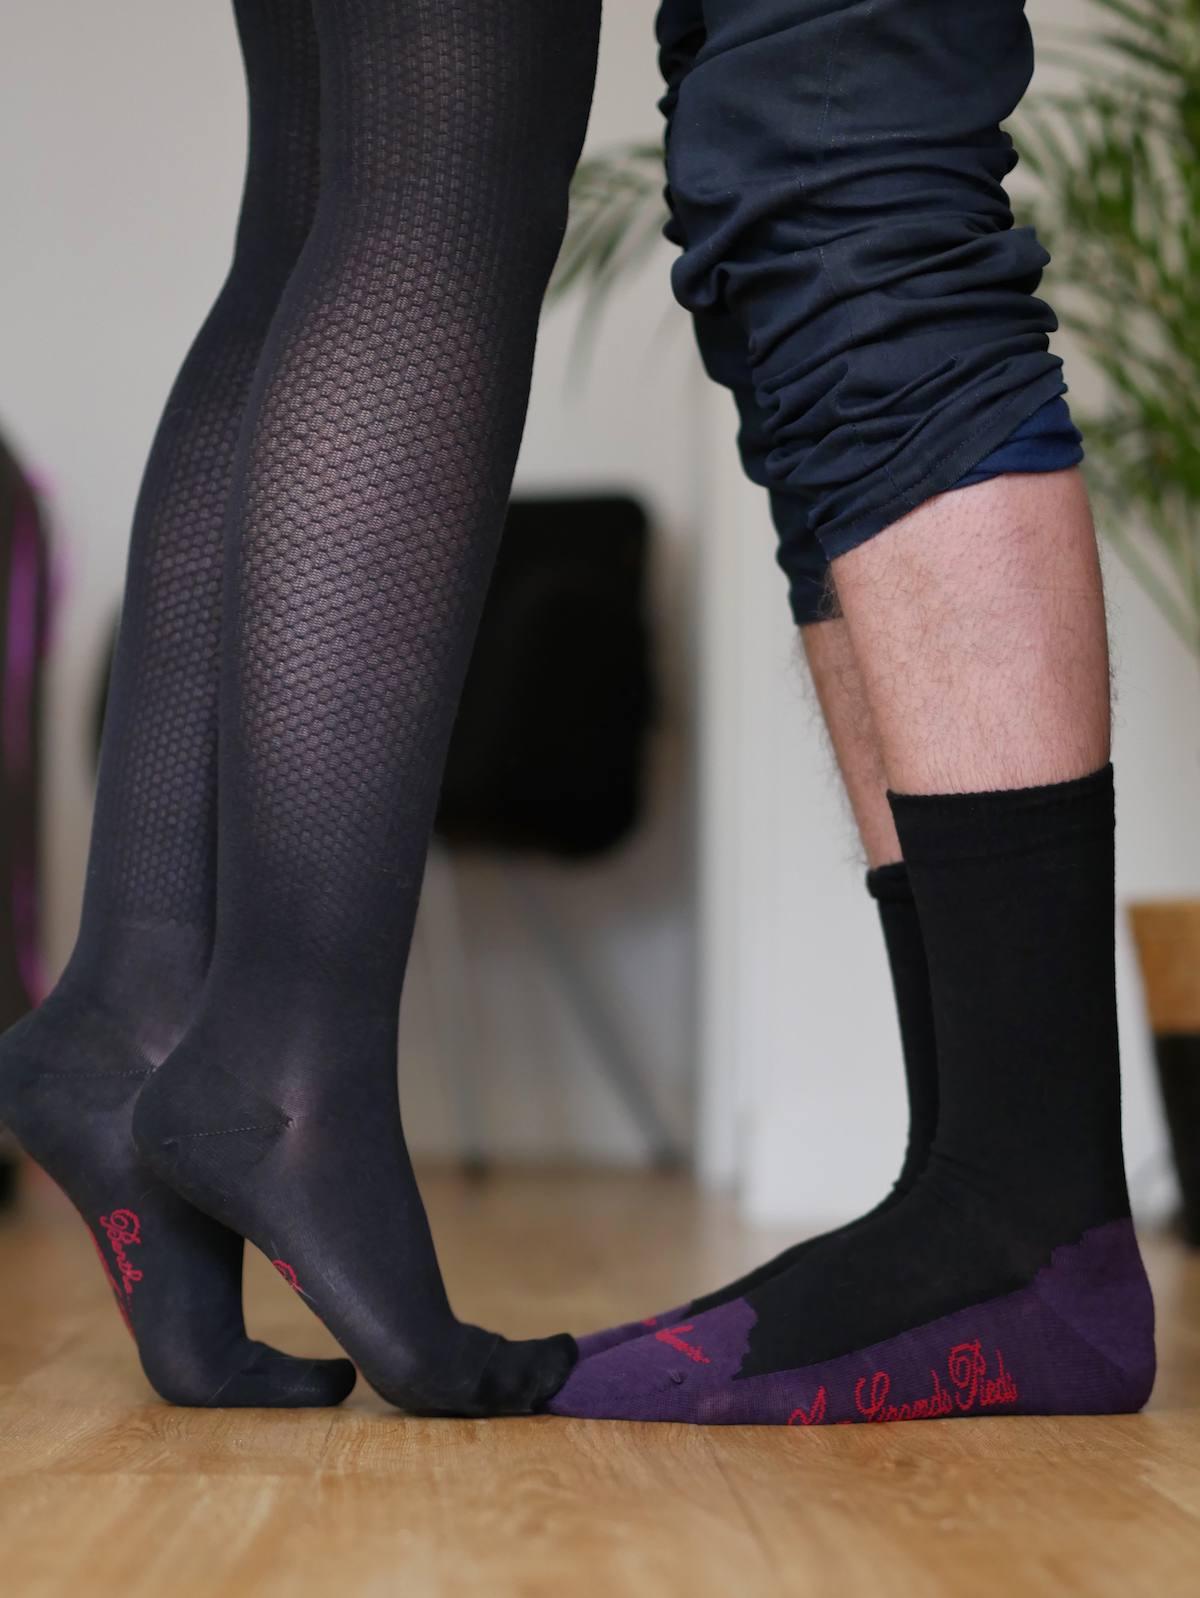 Berthe aux grands pieds Nantes - Chausettes bas collants 4